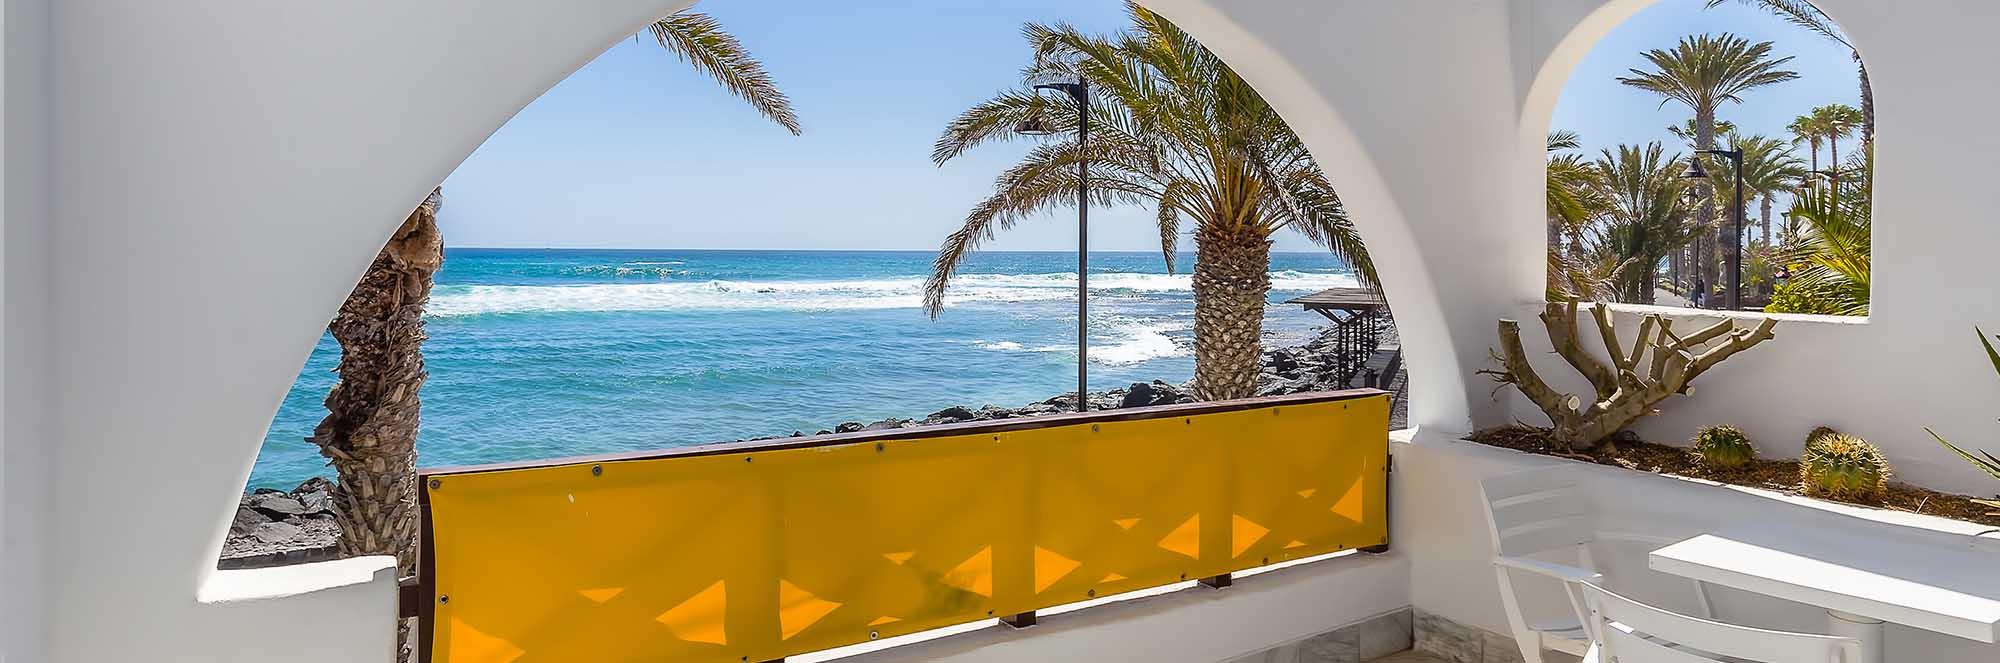 sm-parque-santiago-3-villas-slider-ocean-view